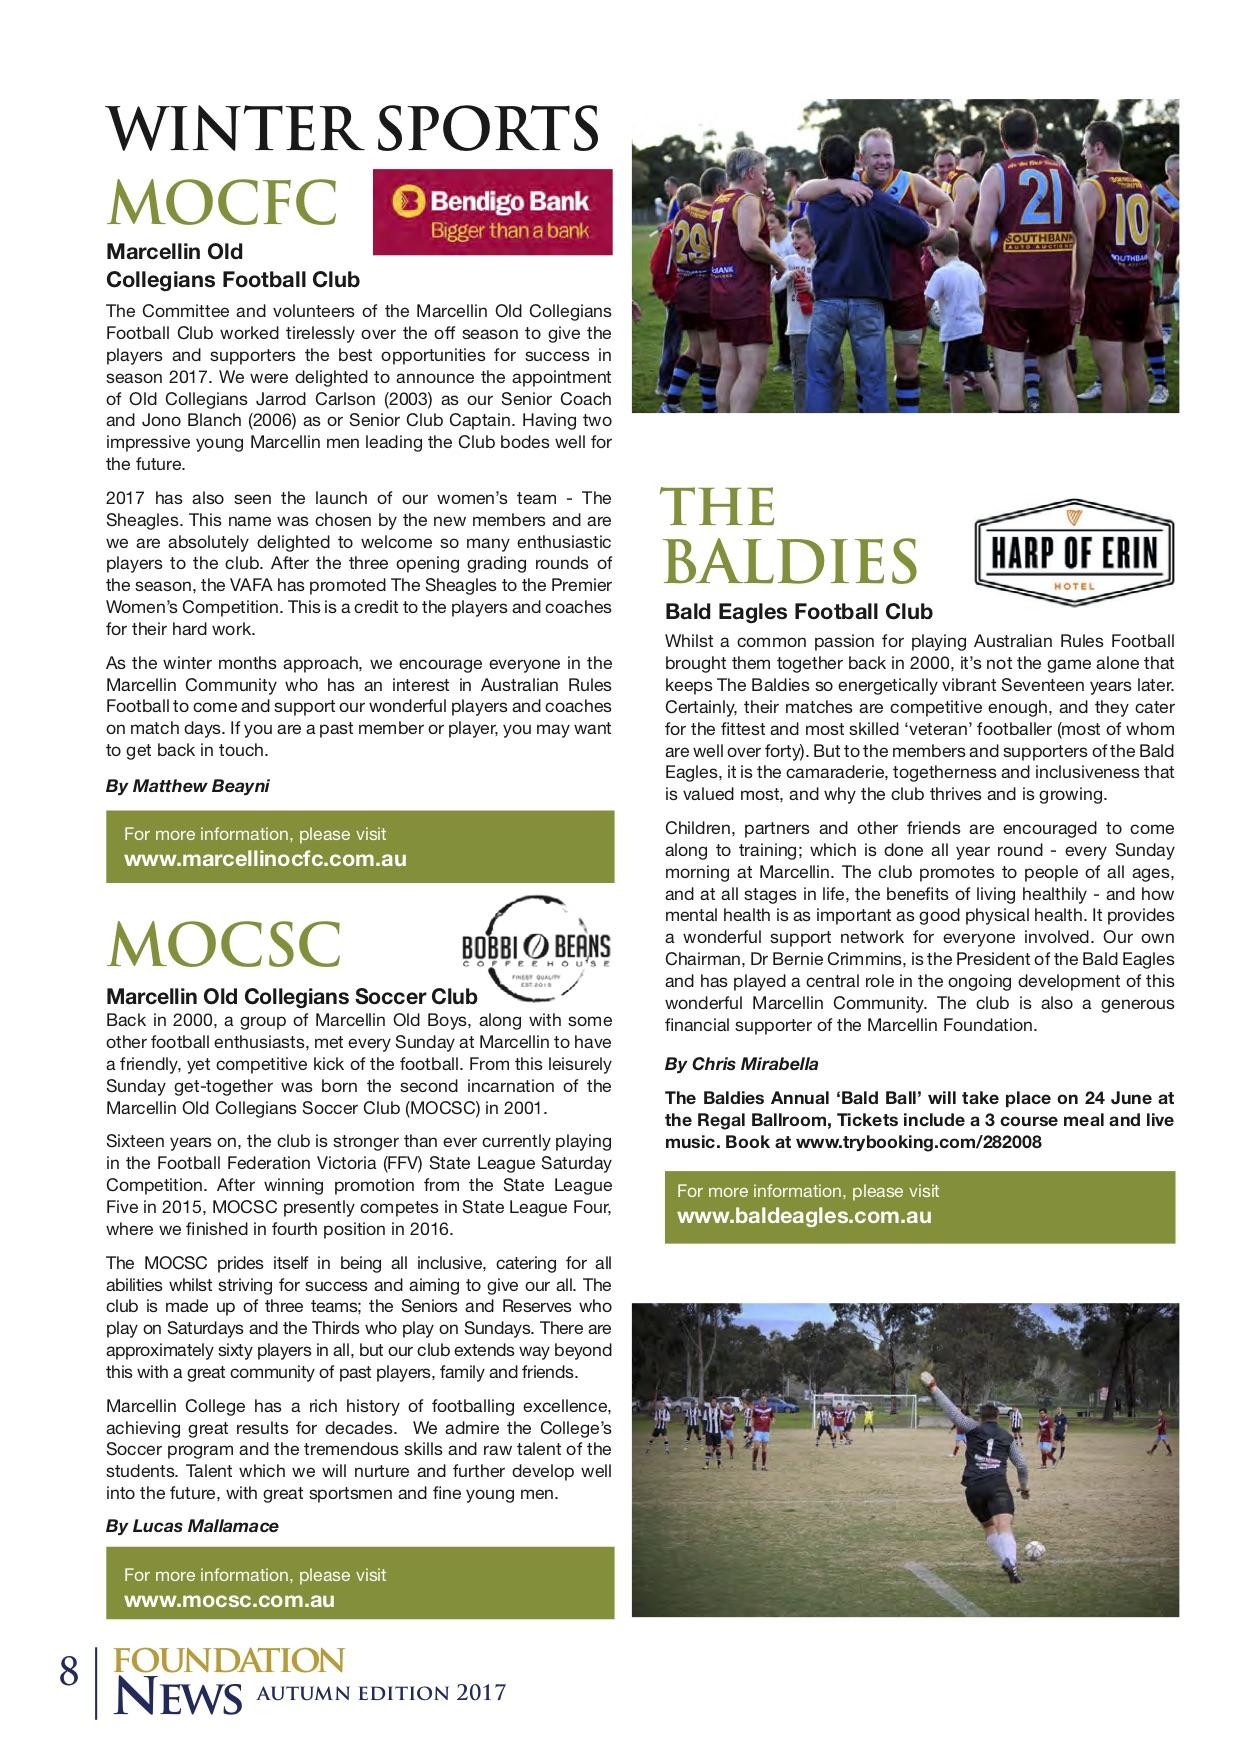 2362 Foundation News Edition3 Autumn 2017 D15.jpg